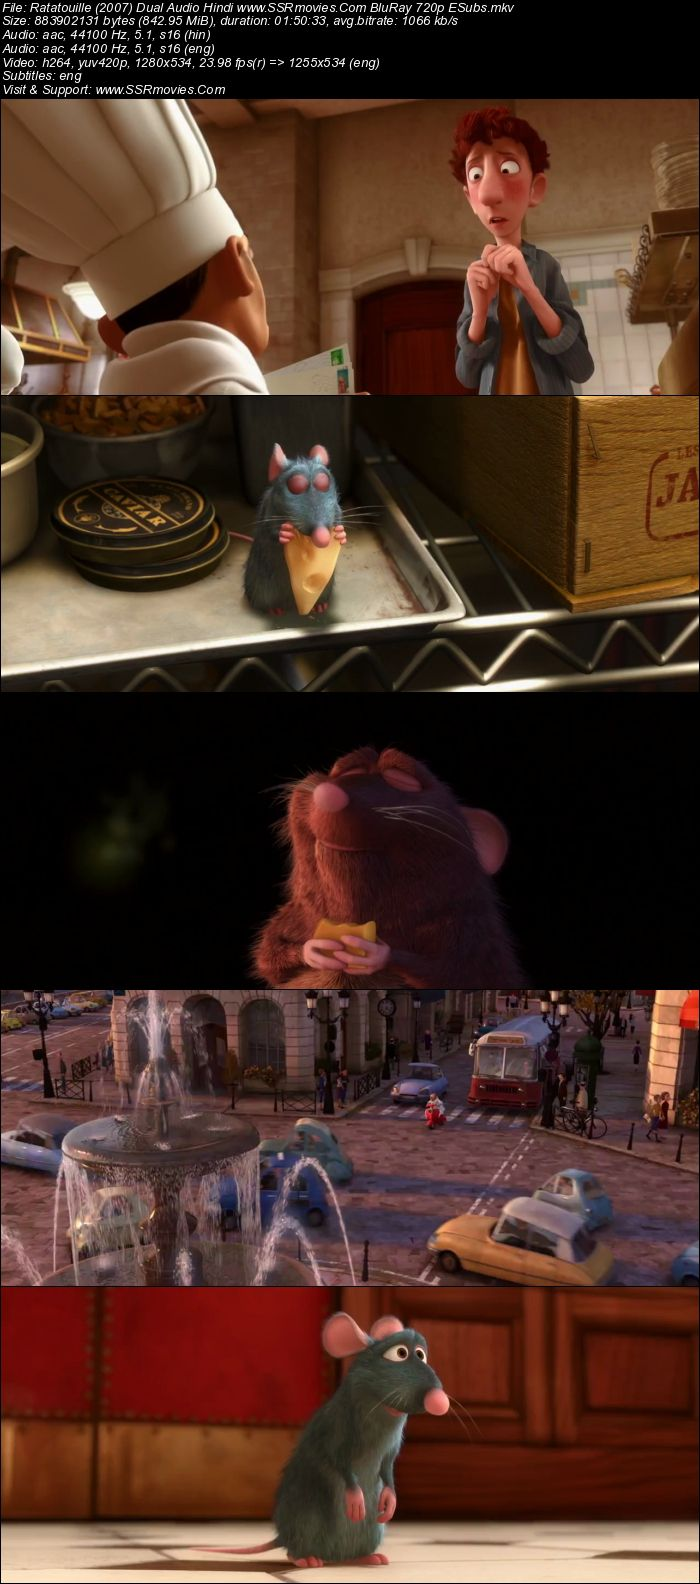 Ratatouille (2007) Dual Audio 720p